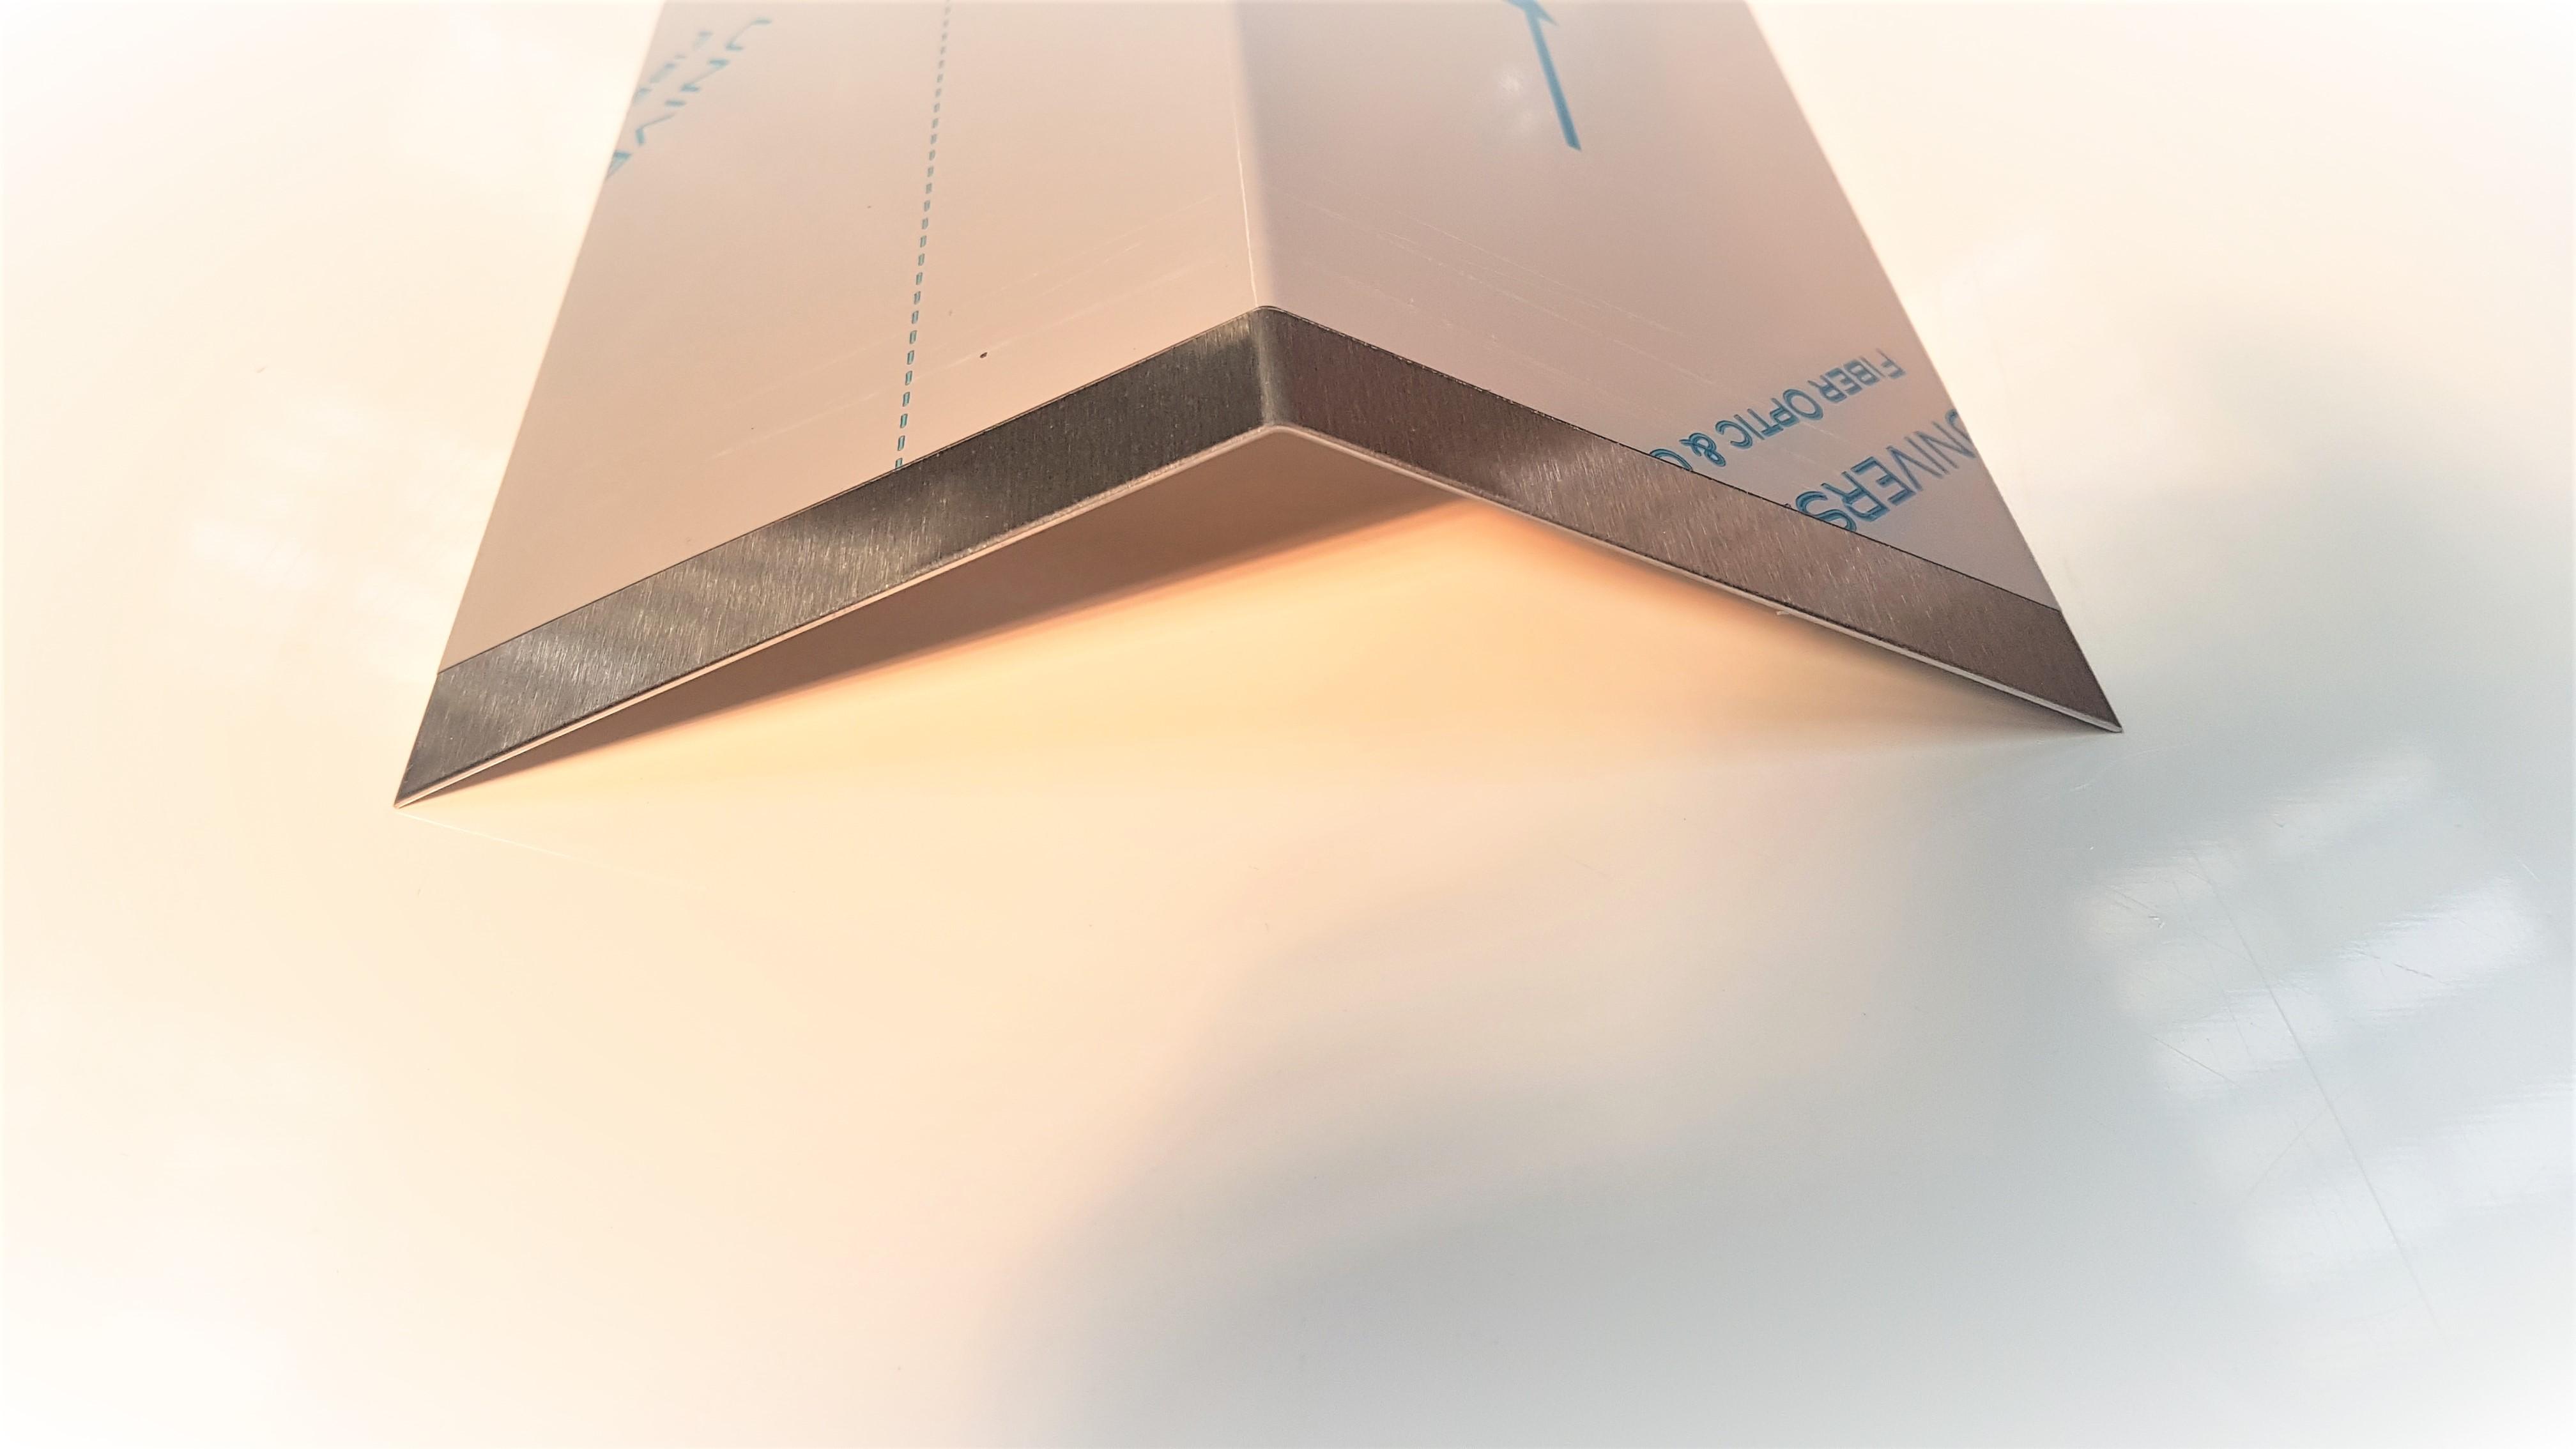 2mm 4 Materialst/ärke Hochwertige Edelstahl V2A HausnummerFett Kursiv grob geschliffen massiv /& rostfrei H/öhe 200mm